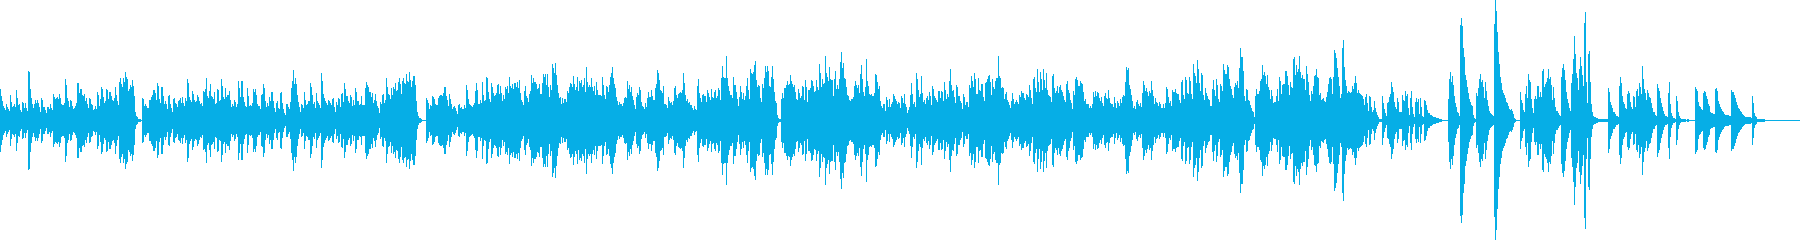 ショパン ノクターン Op32-No1の再生済みの波形